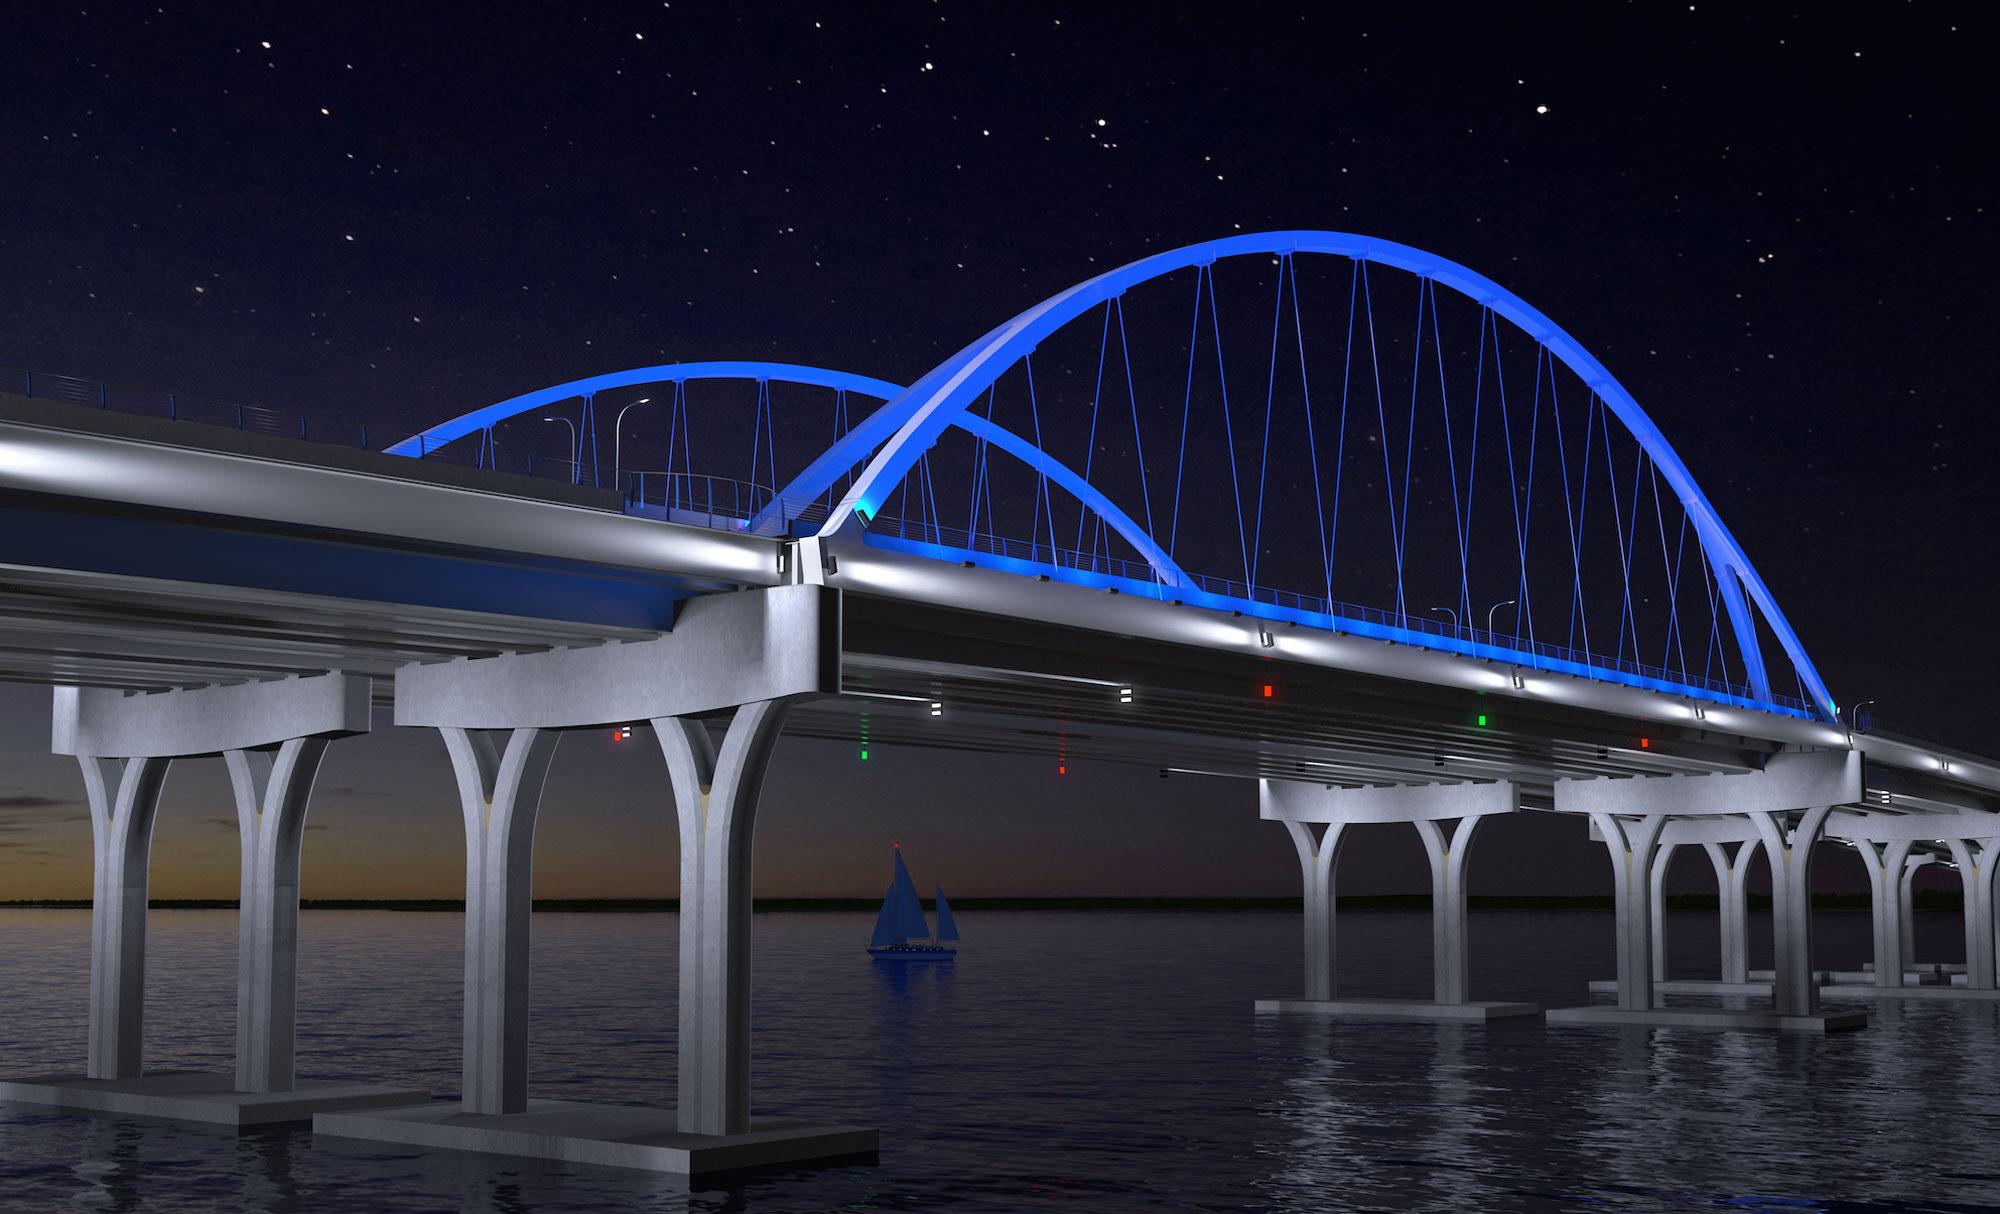 Aesthetic lighting a signature bridge element